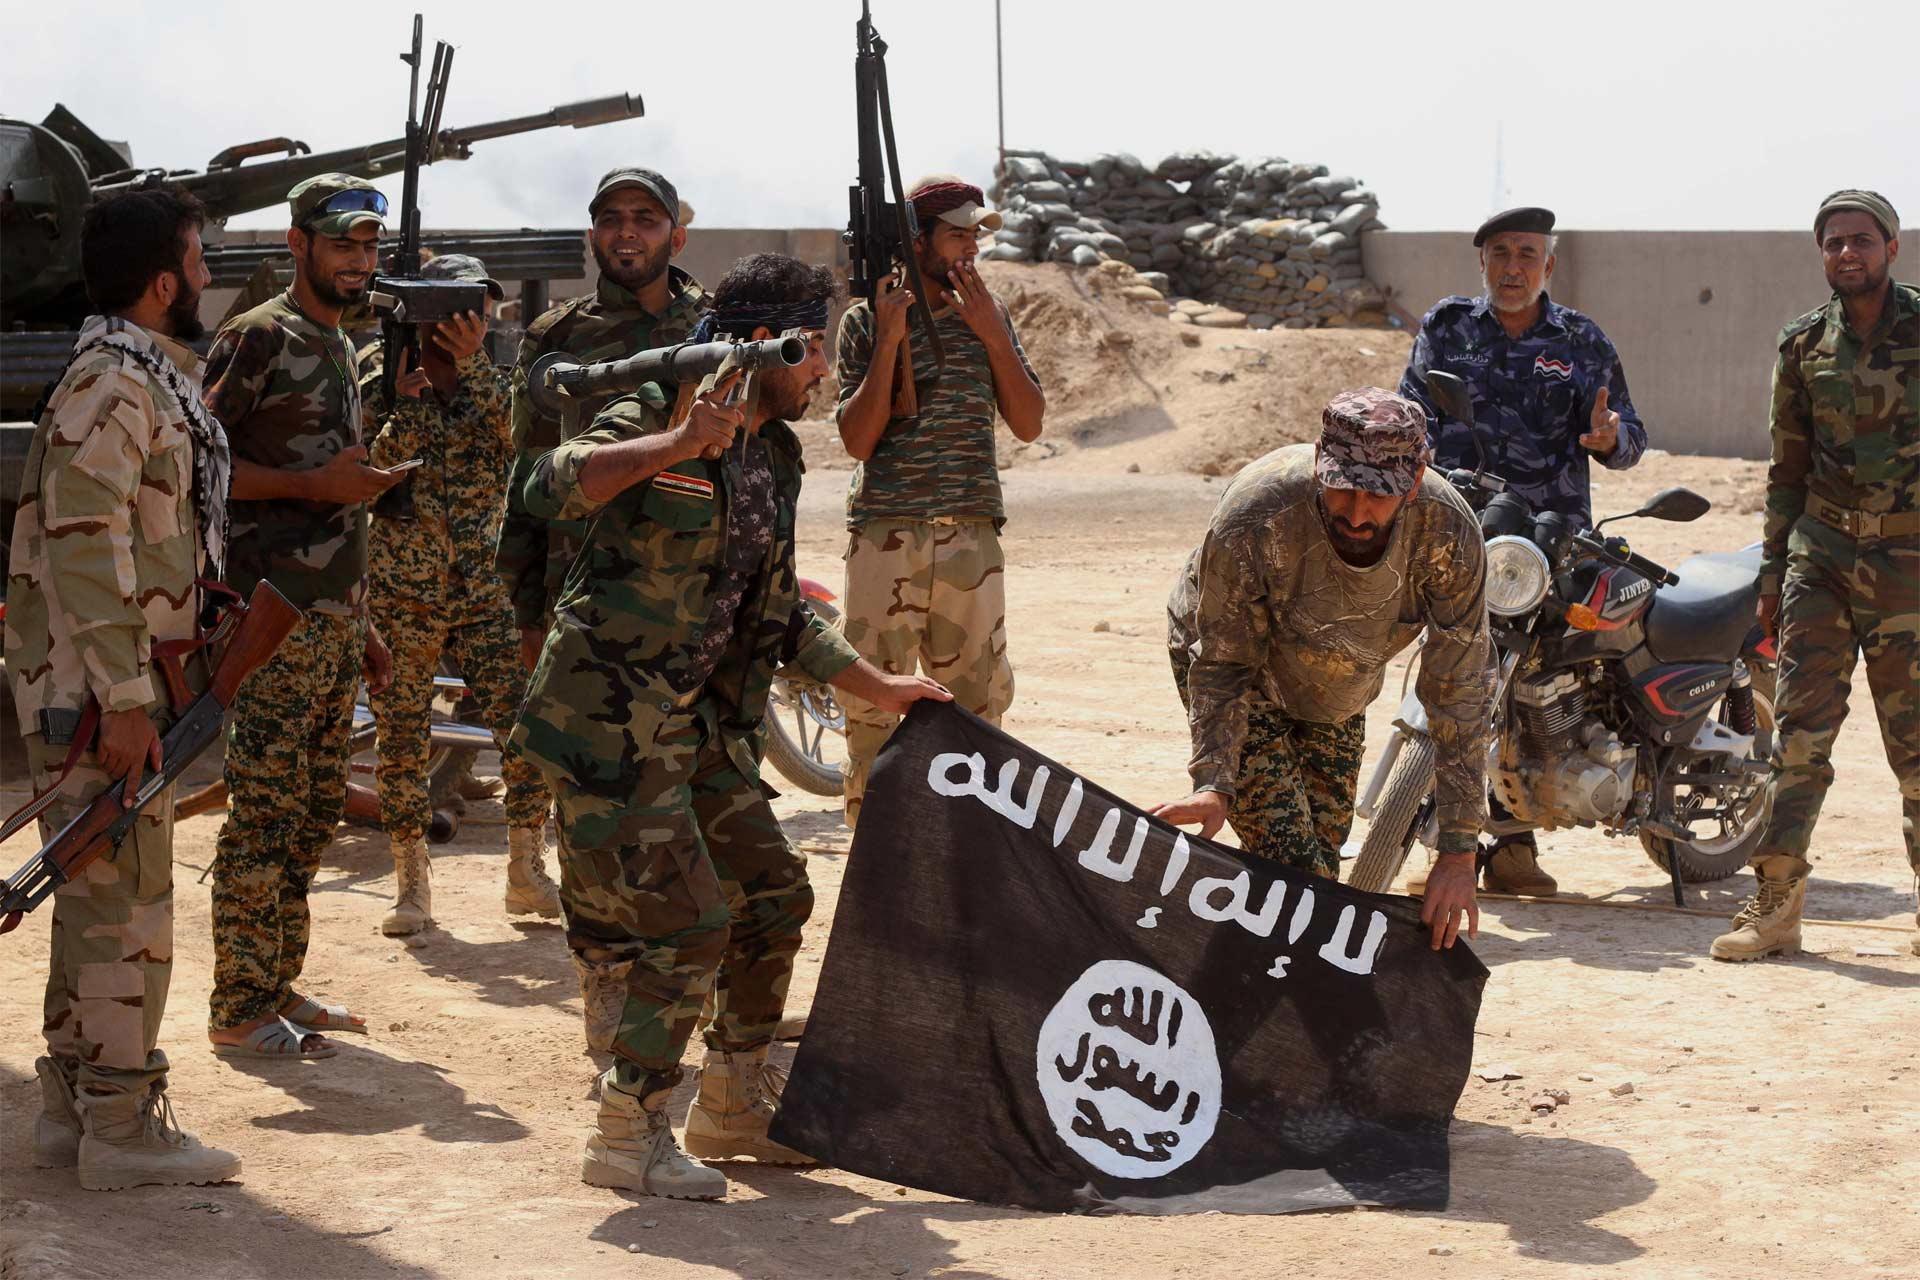 El Estado Islámico volvió a atentar contra una bese militar al norte de Irak